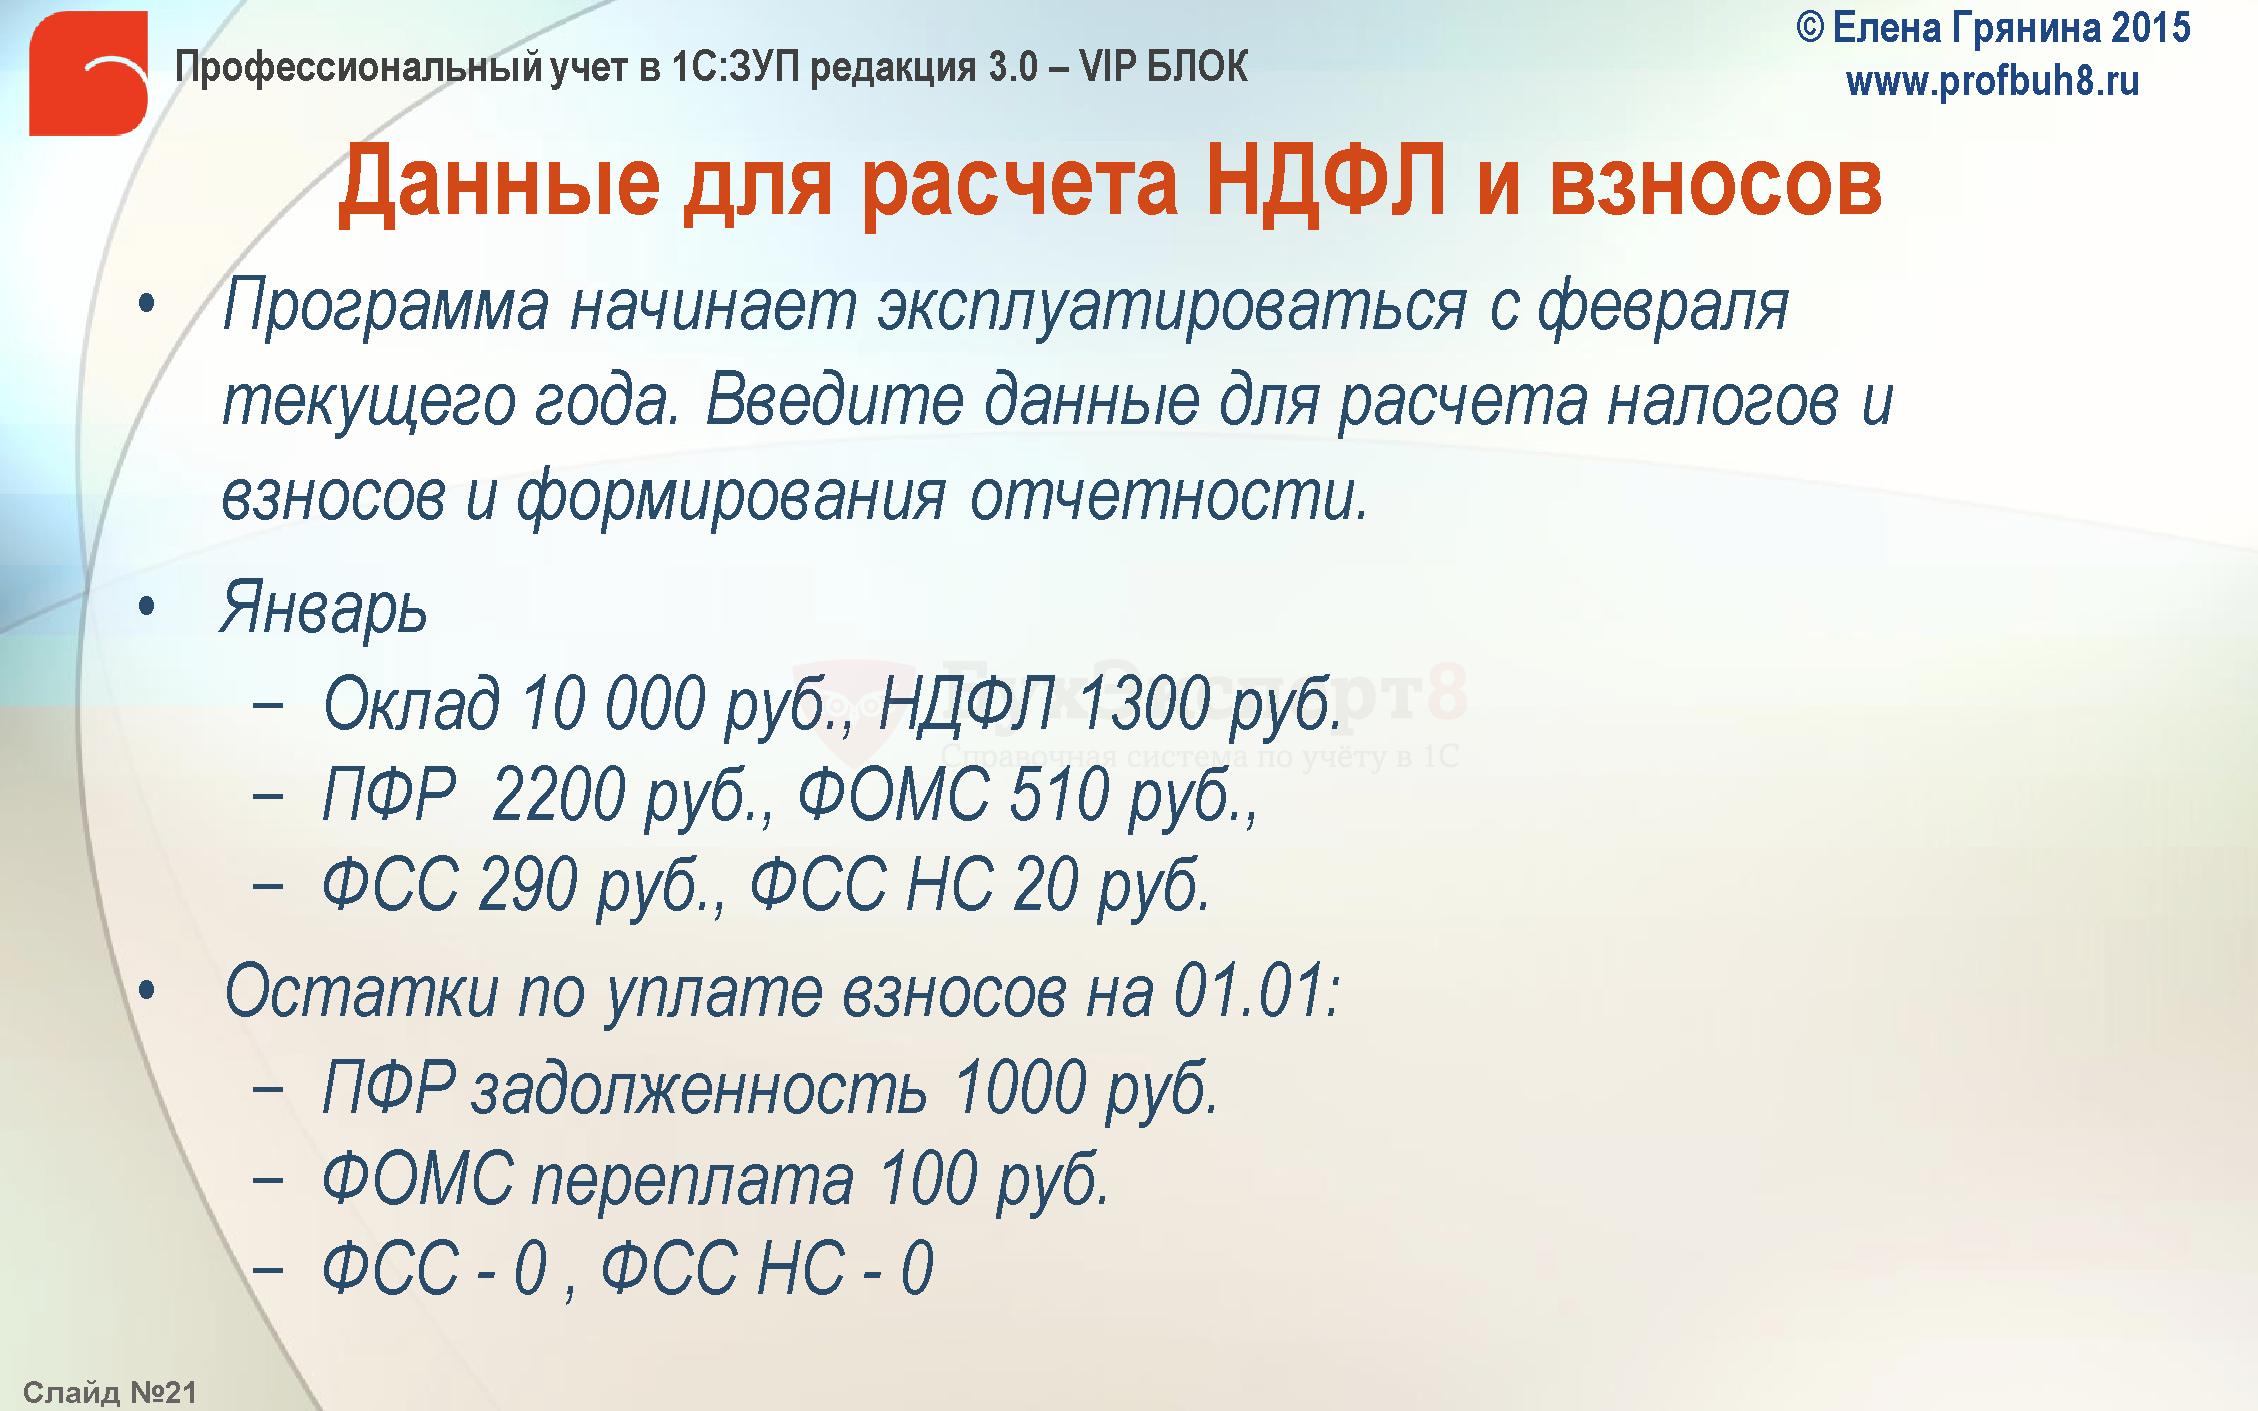 Данные для расчета НДФЛ и взносов Программа начинает эксплуатироваться с февраля текущего года. Введите данные для расчета налогов и взносов и формирования отчетности. Январь Оклад 10 000 руб., НДФЛ 1300 руб. ПФР 2200 руб., ФОМС 510 руб., ФСС 290 руб., ФСС НС 20 руб. Остатки по уплате взносов на 01.01: ПФР задолженность 1000 руб. ФОМС переплата 100 руб. ФСС - 0 , ФСС НС - 0